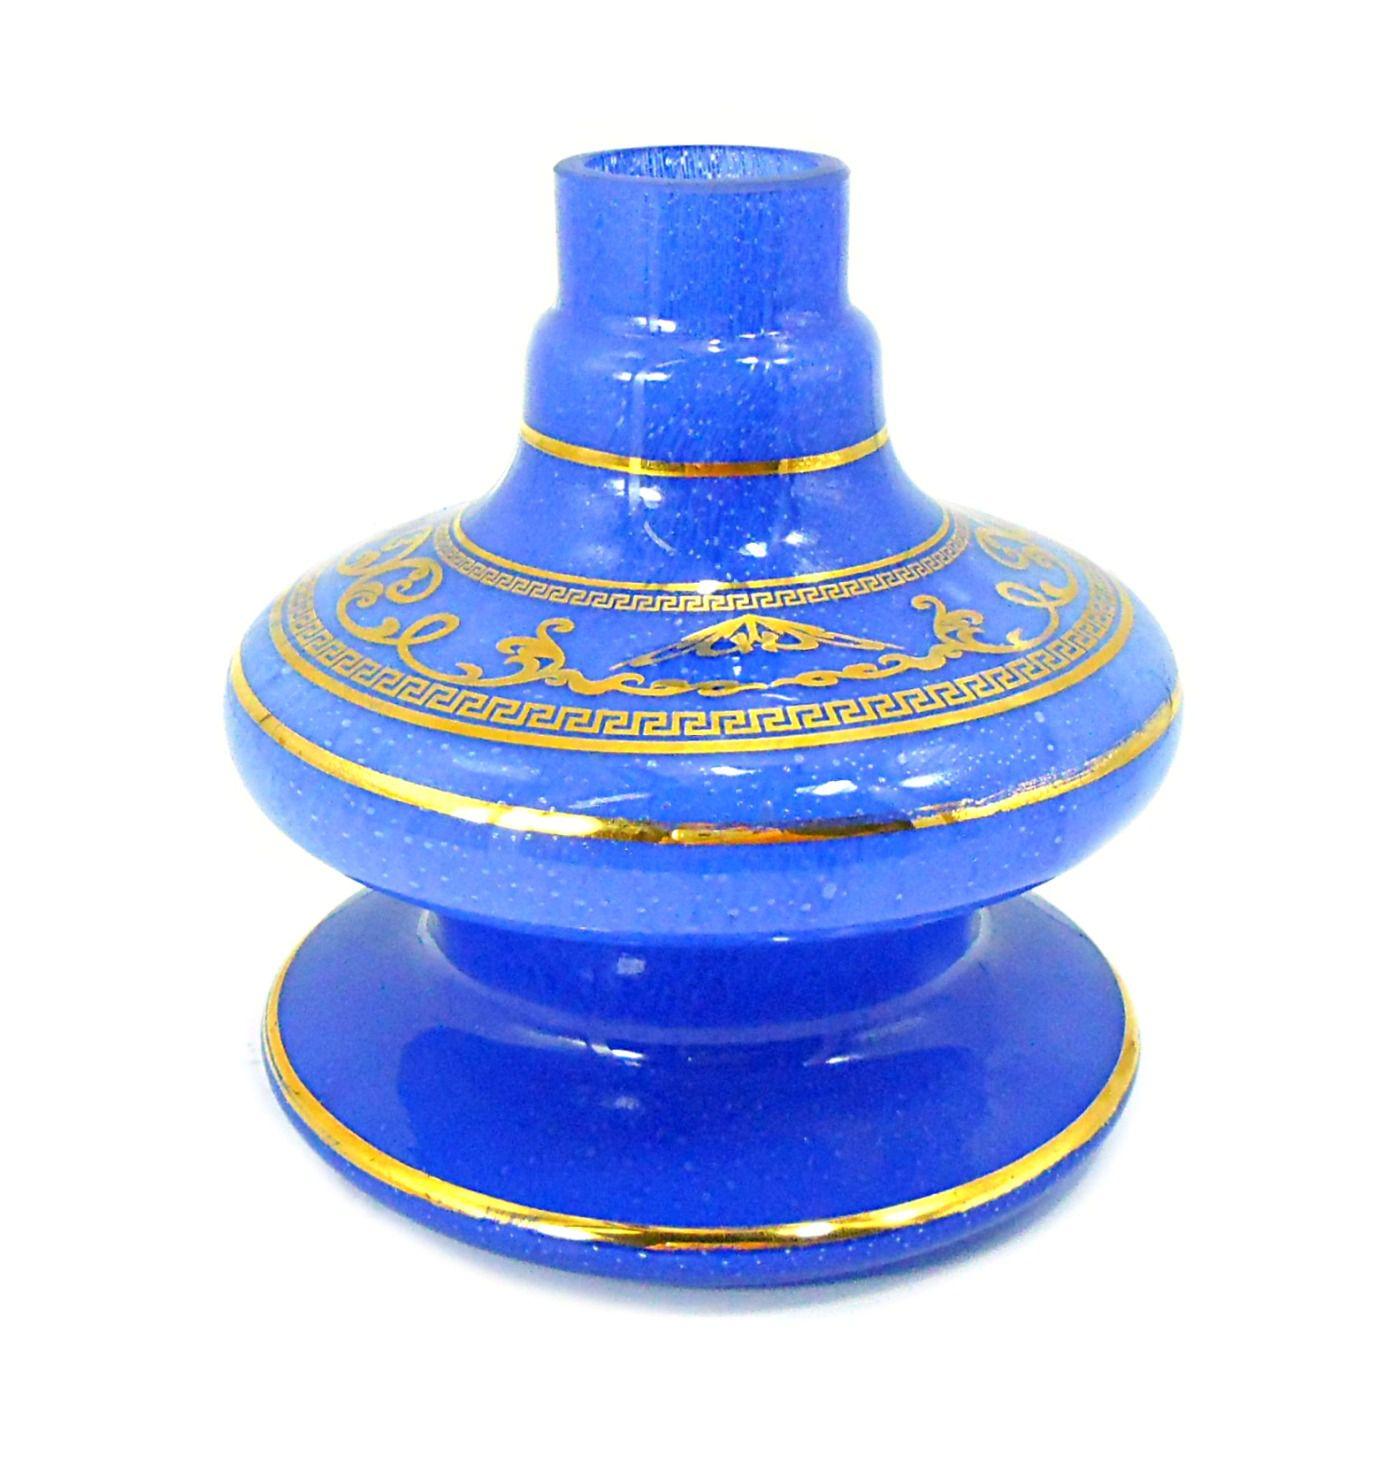 Vaso/base para narguile Shisha Glass NIX, em vidro com FAIXA GREGA dourada (13cm). Encaixe macho.